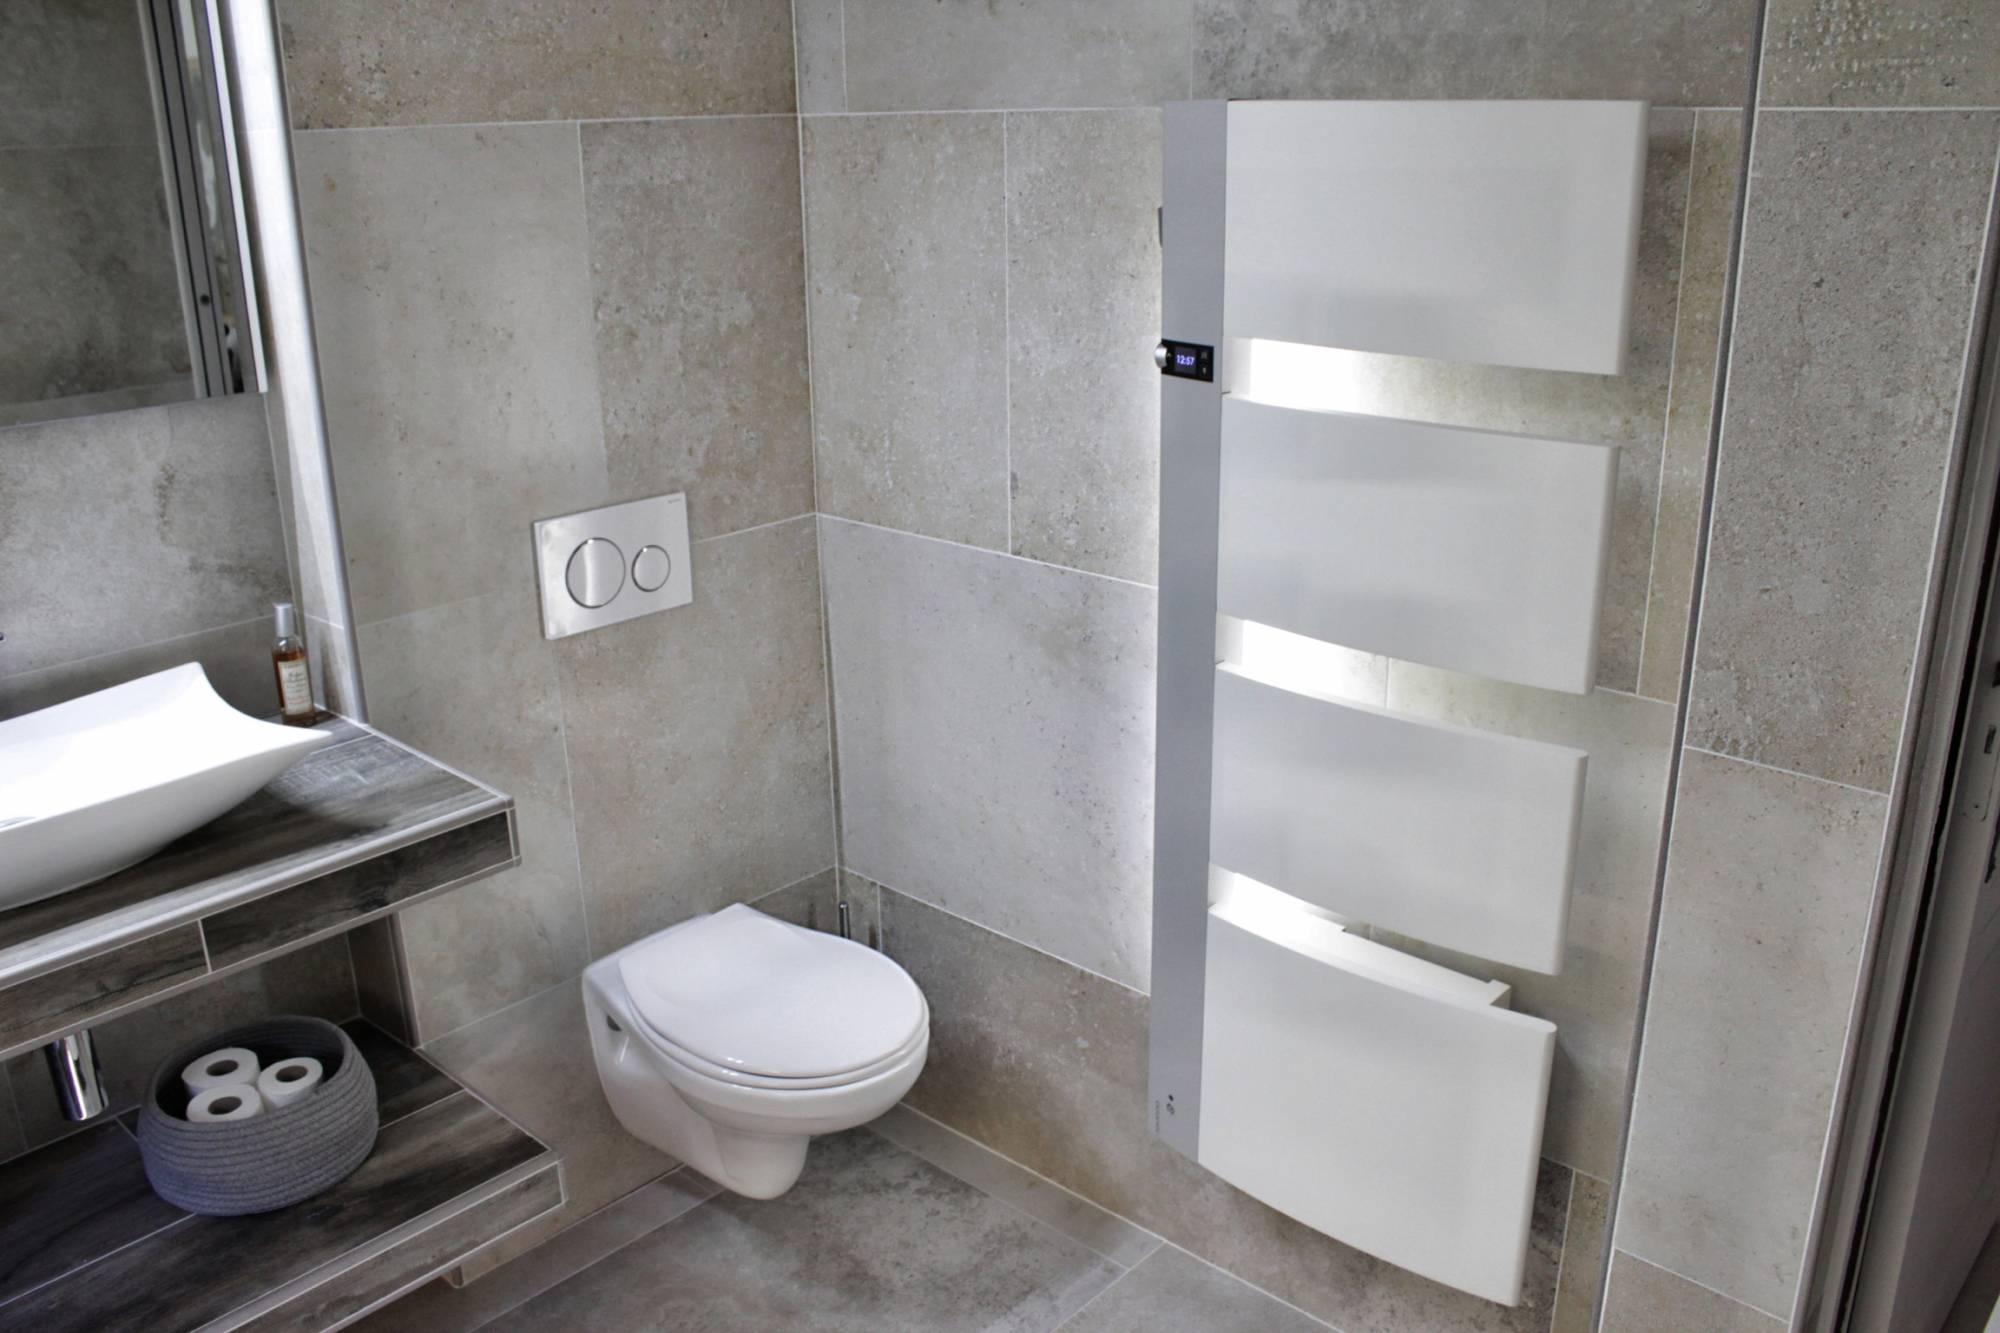 Une Salle De Bain Carreler ~ salle de bains enti rement r nov e carrelage effet pierre aix en